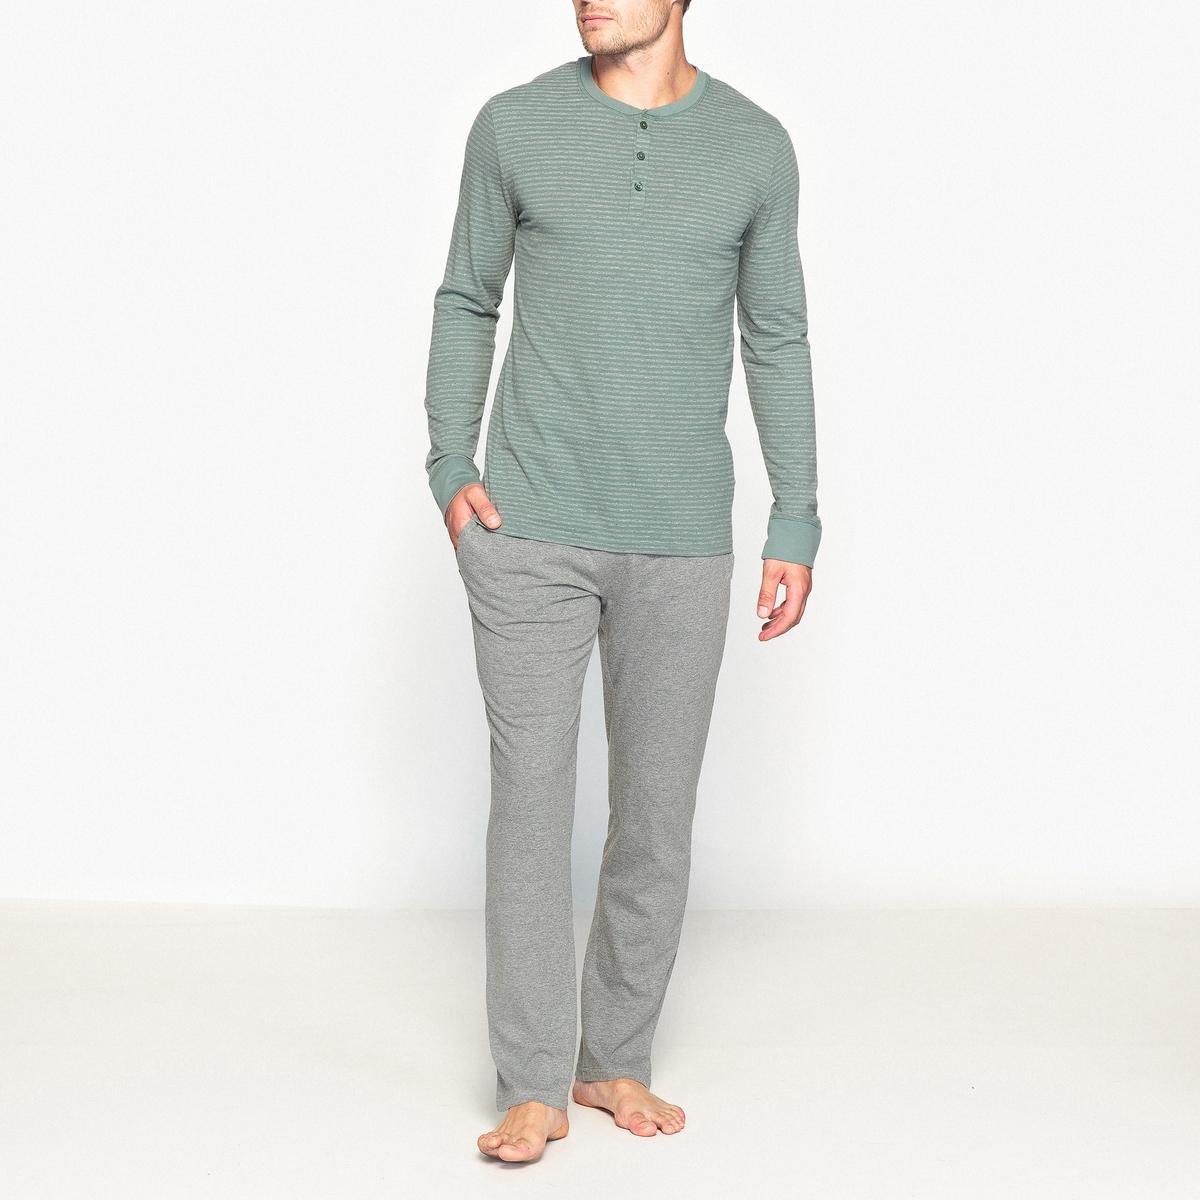 Пижама с футболкой с длинными рукавами и круглым вырезом с разрезом спереди футболка в полоску с круглым вырезом